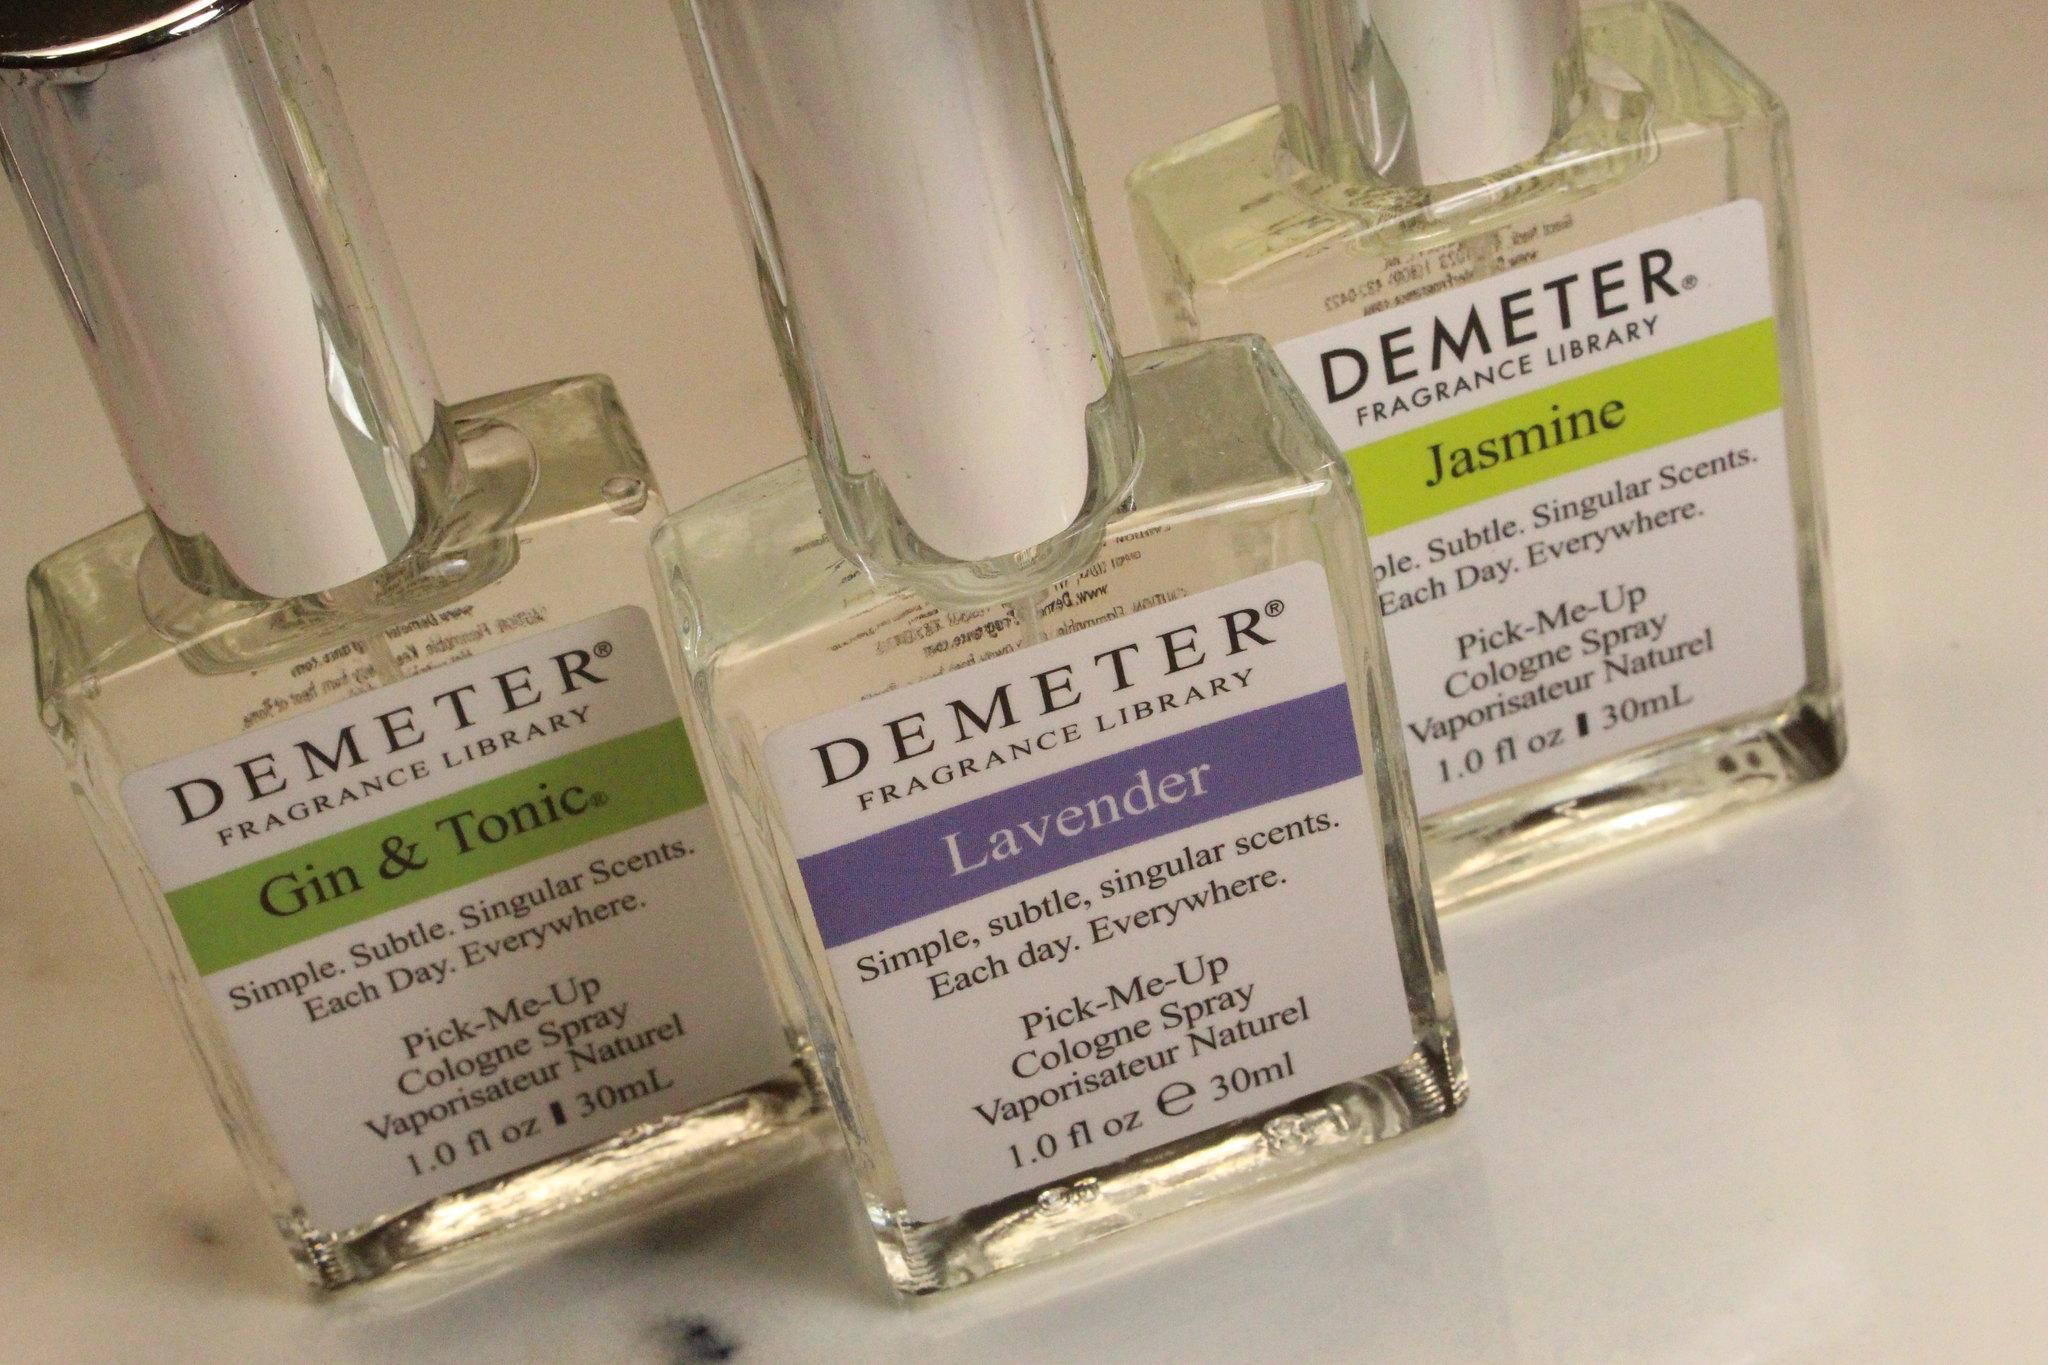 Demeter Fragrance Library Foolproof Blending Trio